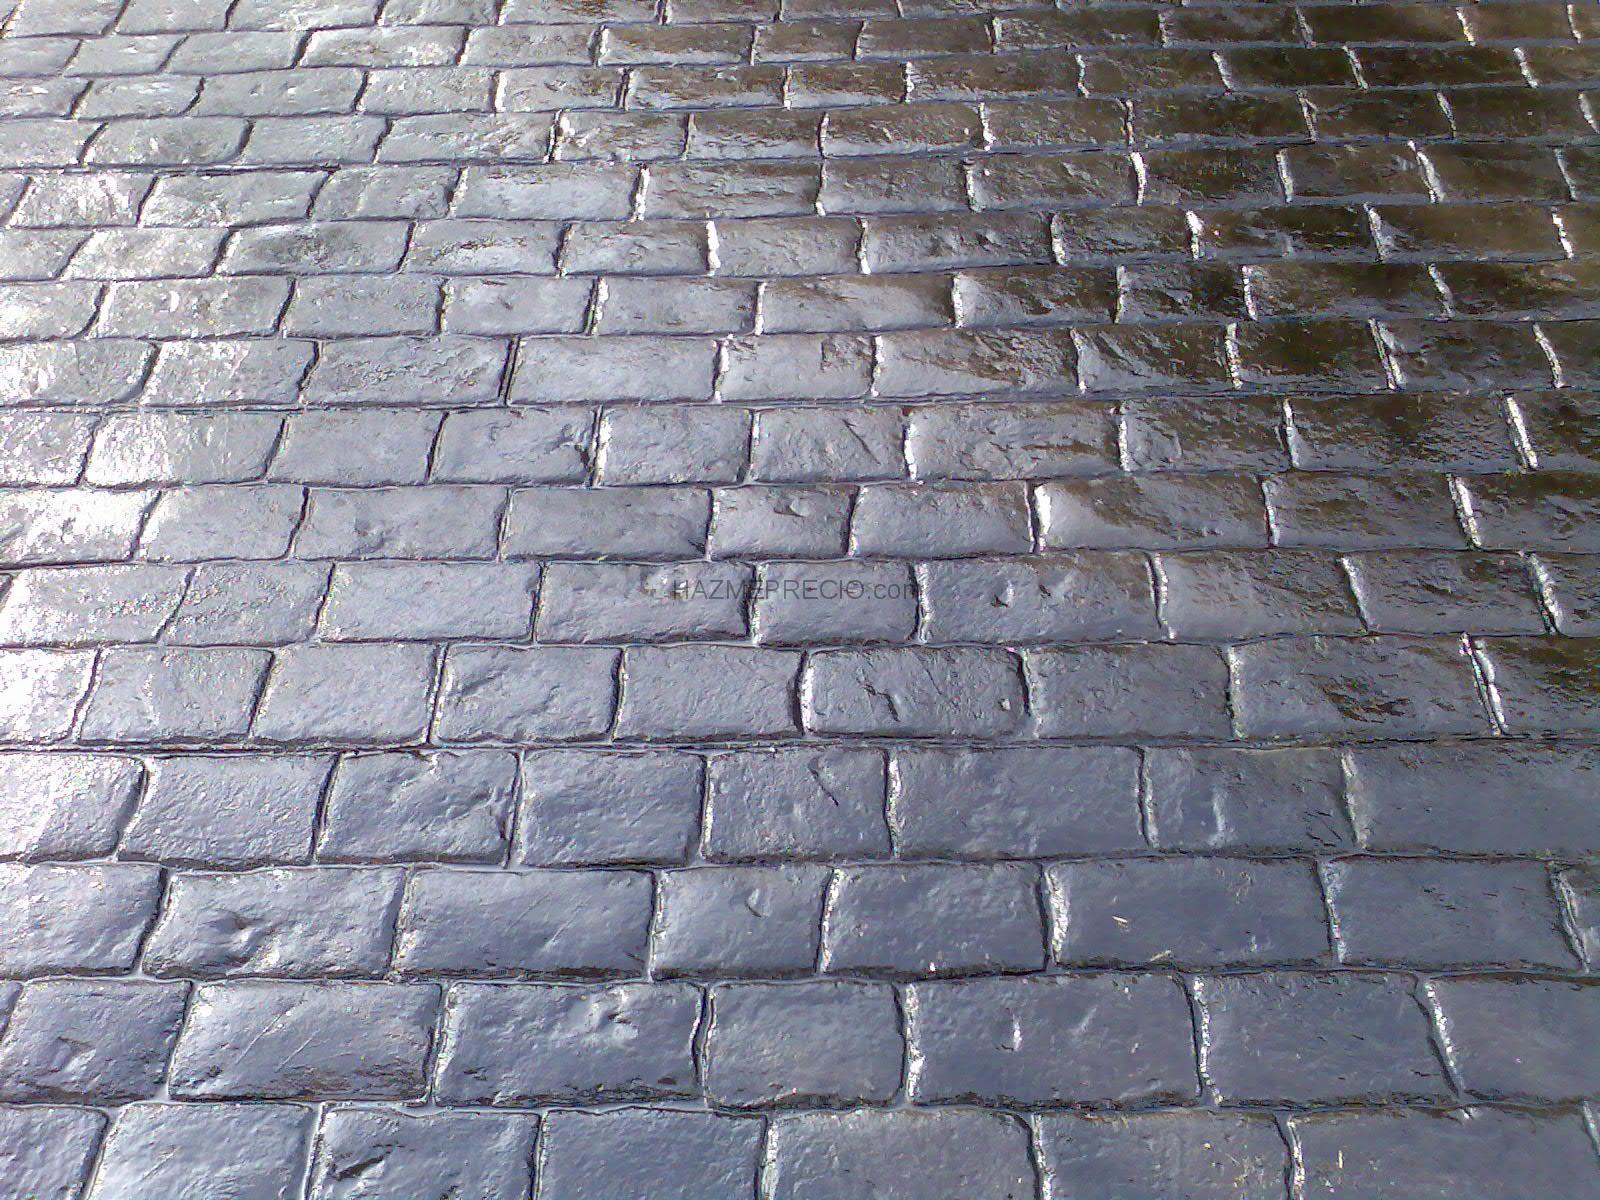 Pavimento impreso lucar sl 43007 tarragona tarragona for Hormigon impreso girona